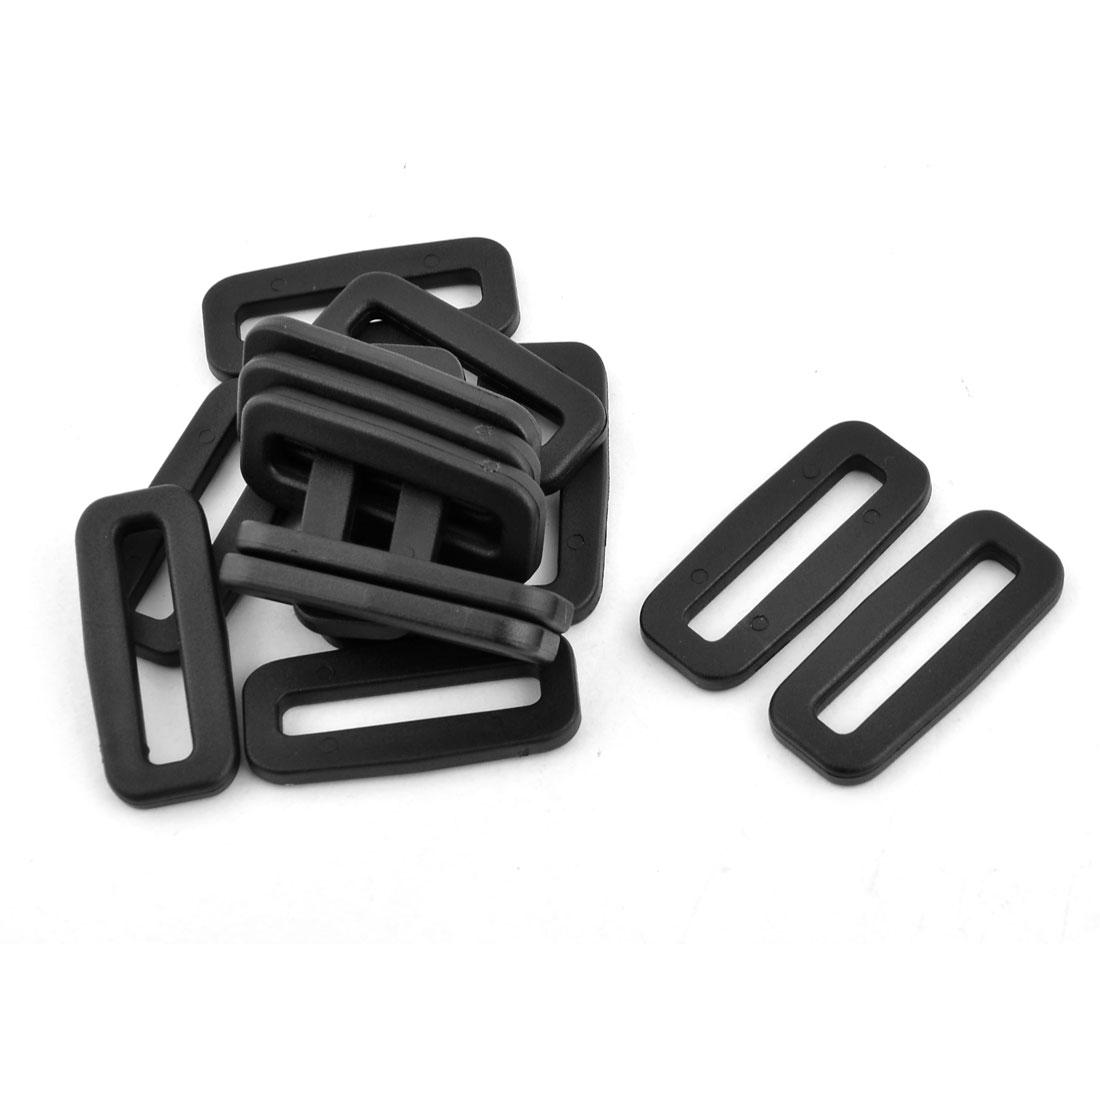 Backpack Belt Tension Connector Tri Glide Buckles Black 32mm Strap Width 15pcs